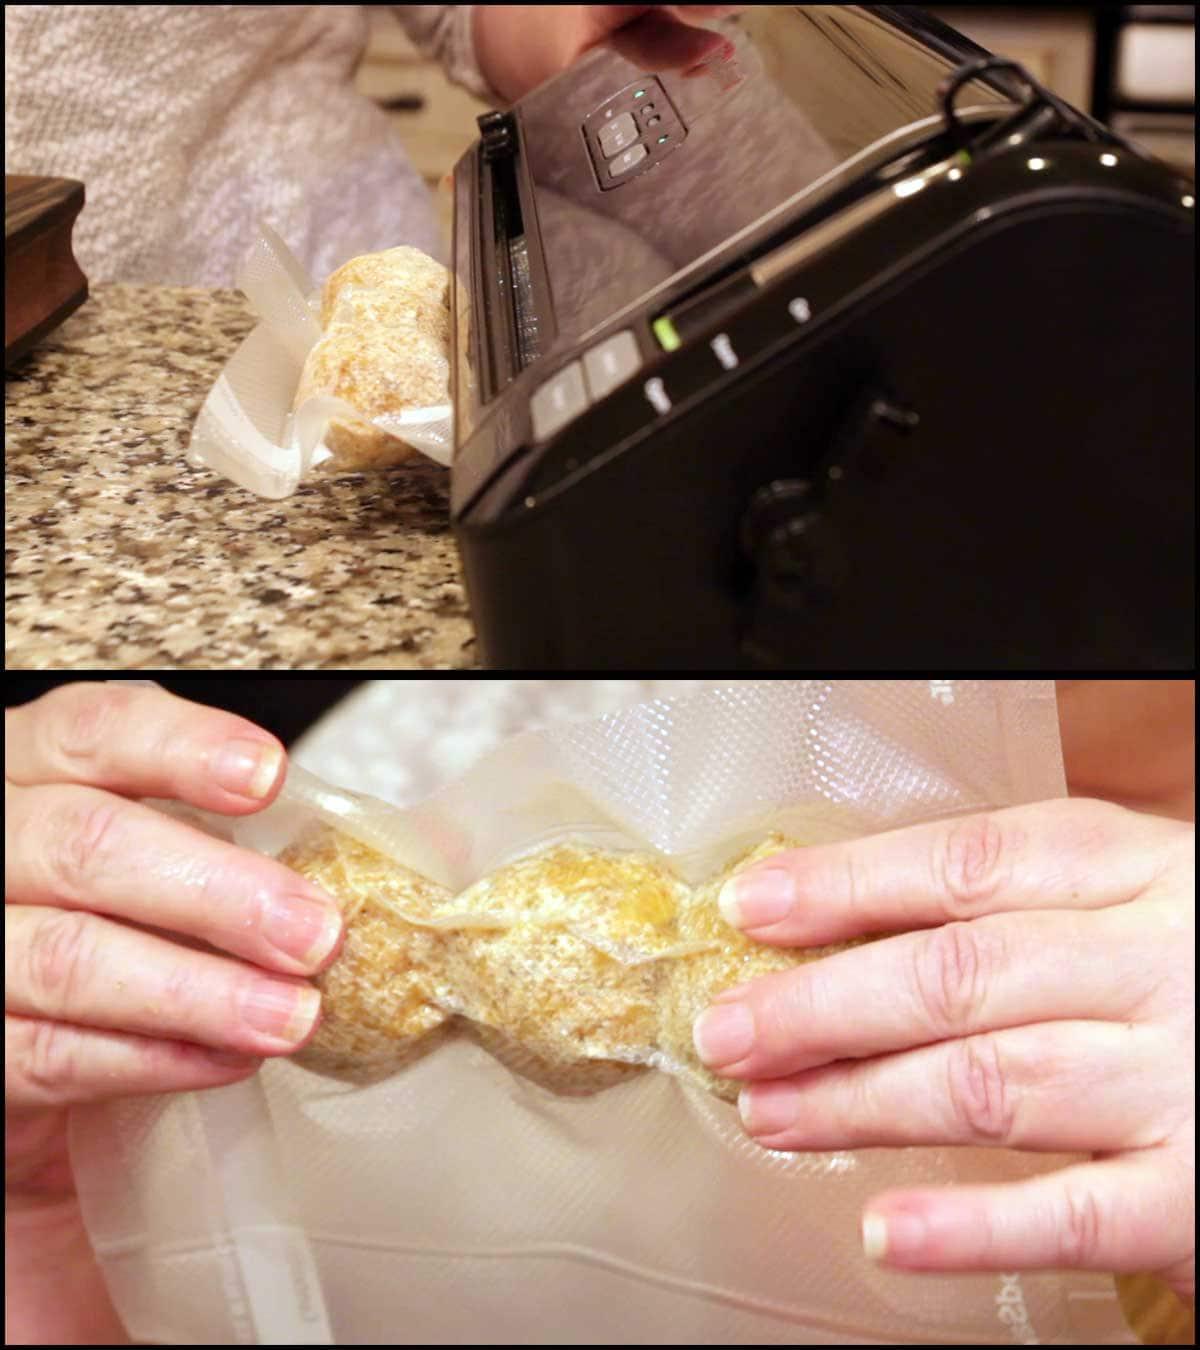 Arancini balls in food saver bag